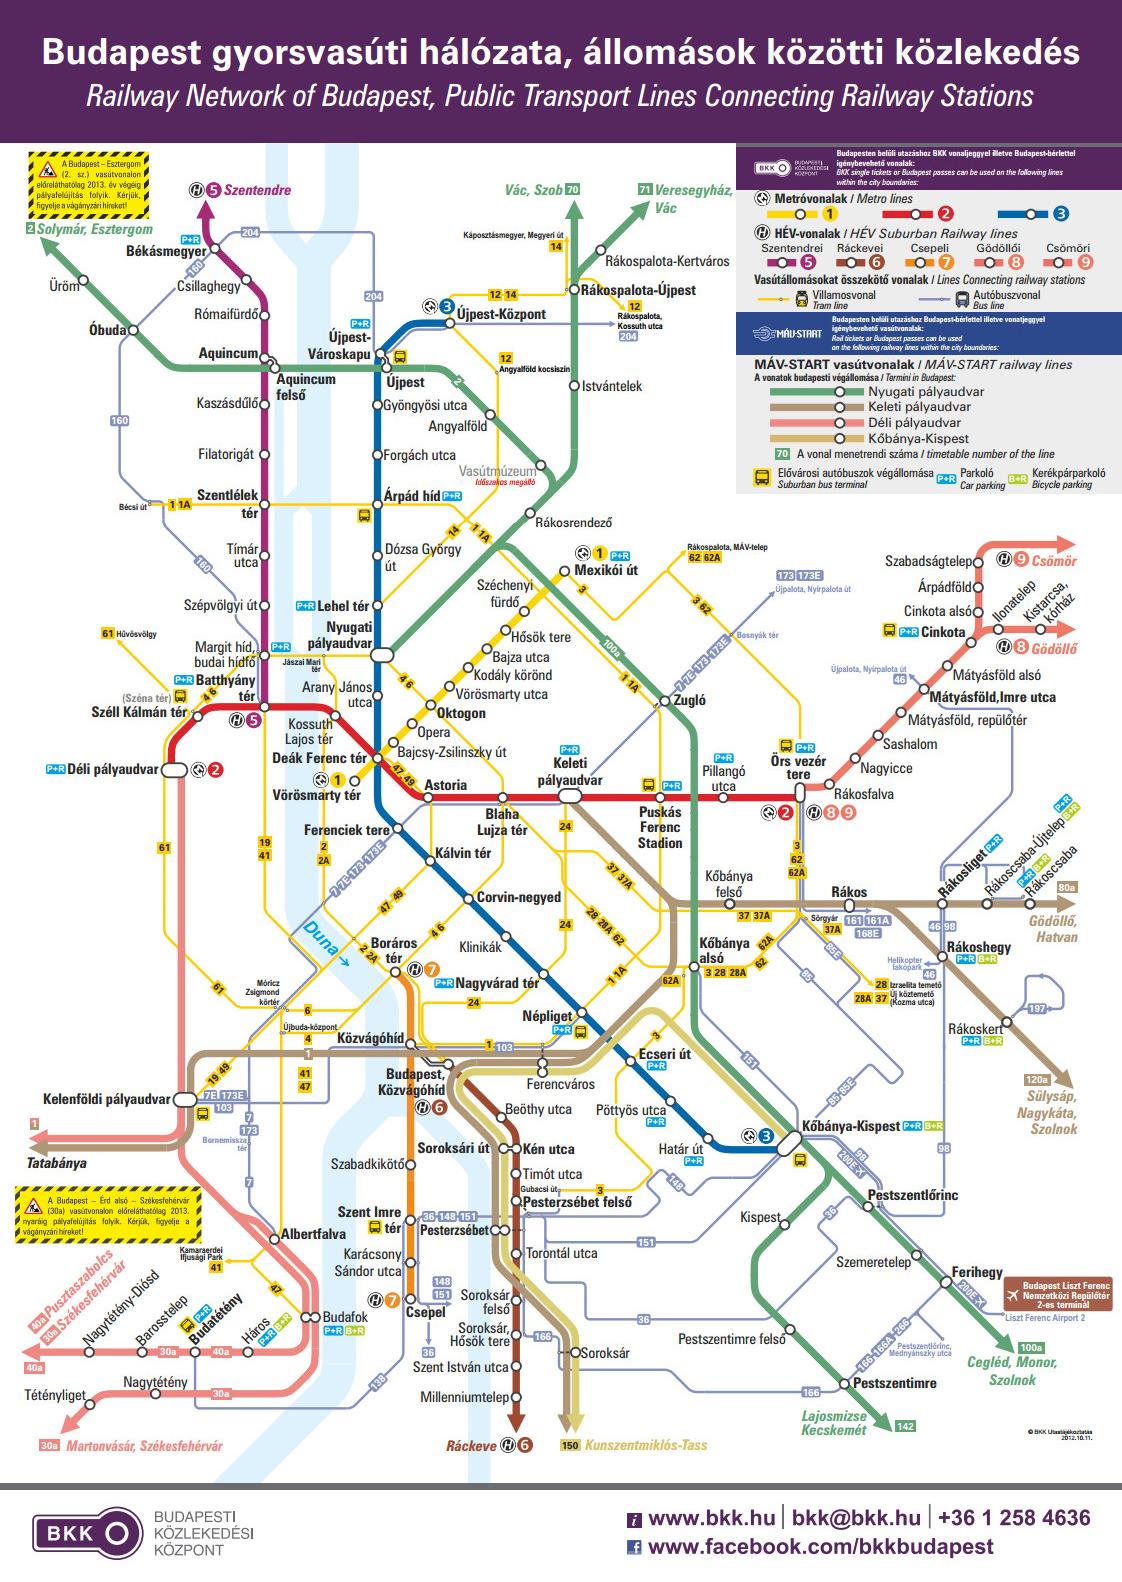 bkk budapest térkép IHO   Közút   Budapesti spagetti BKK módra bkk budapest térkép